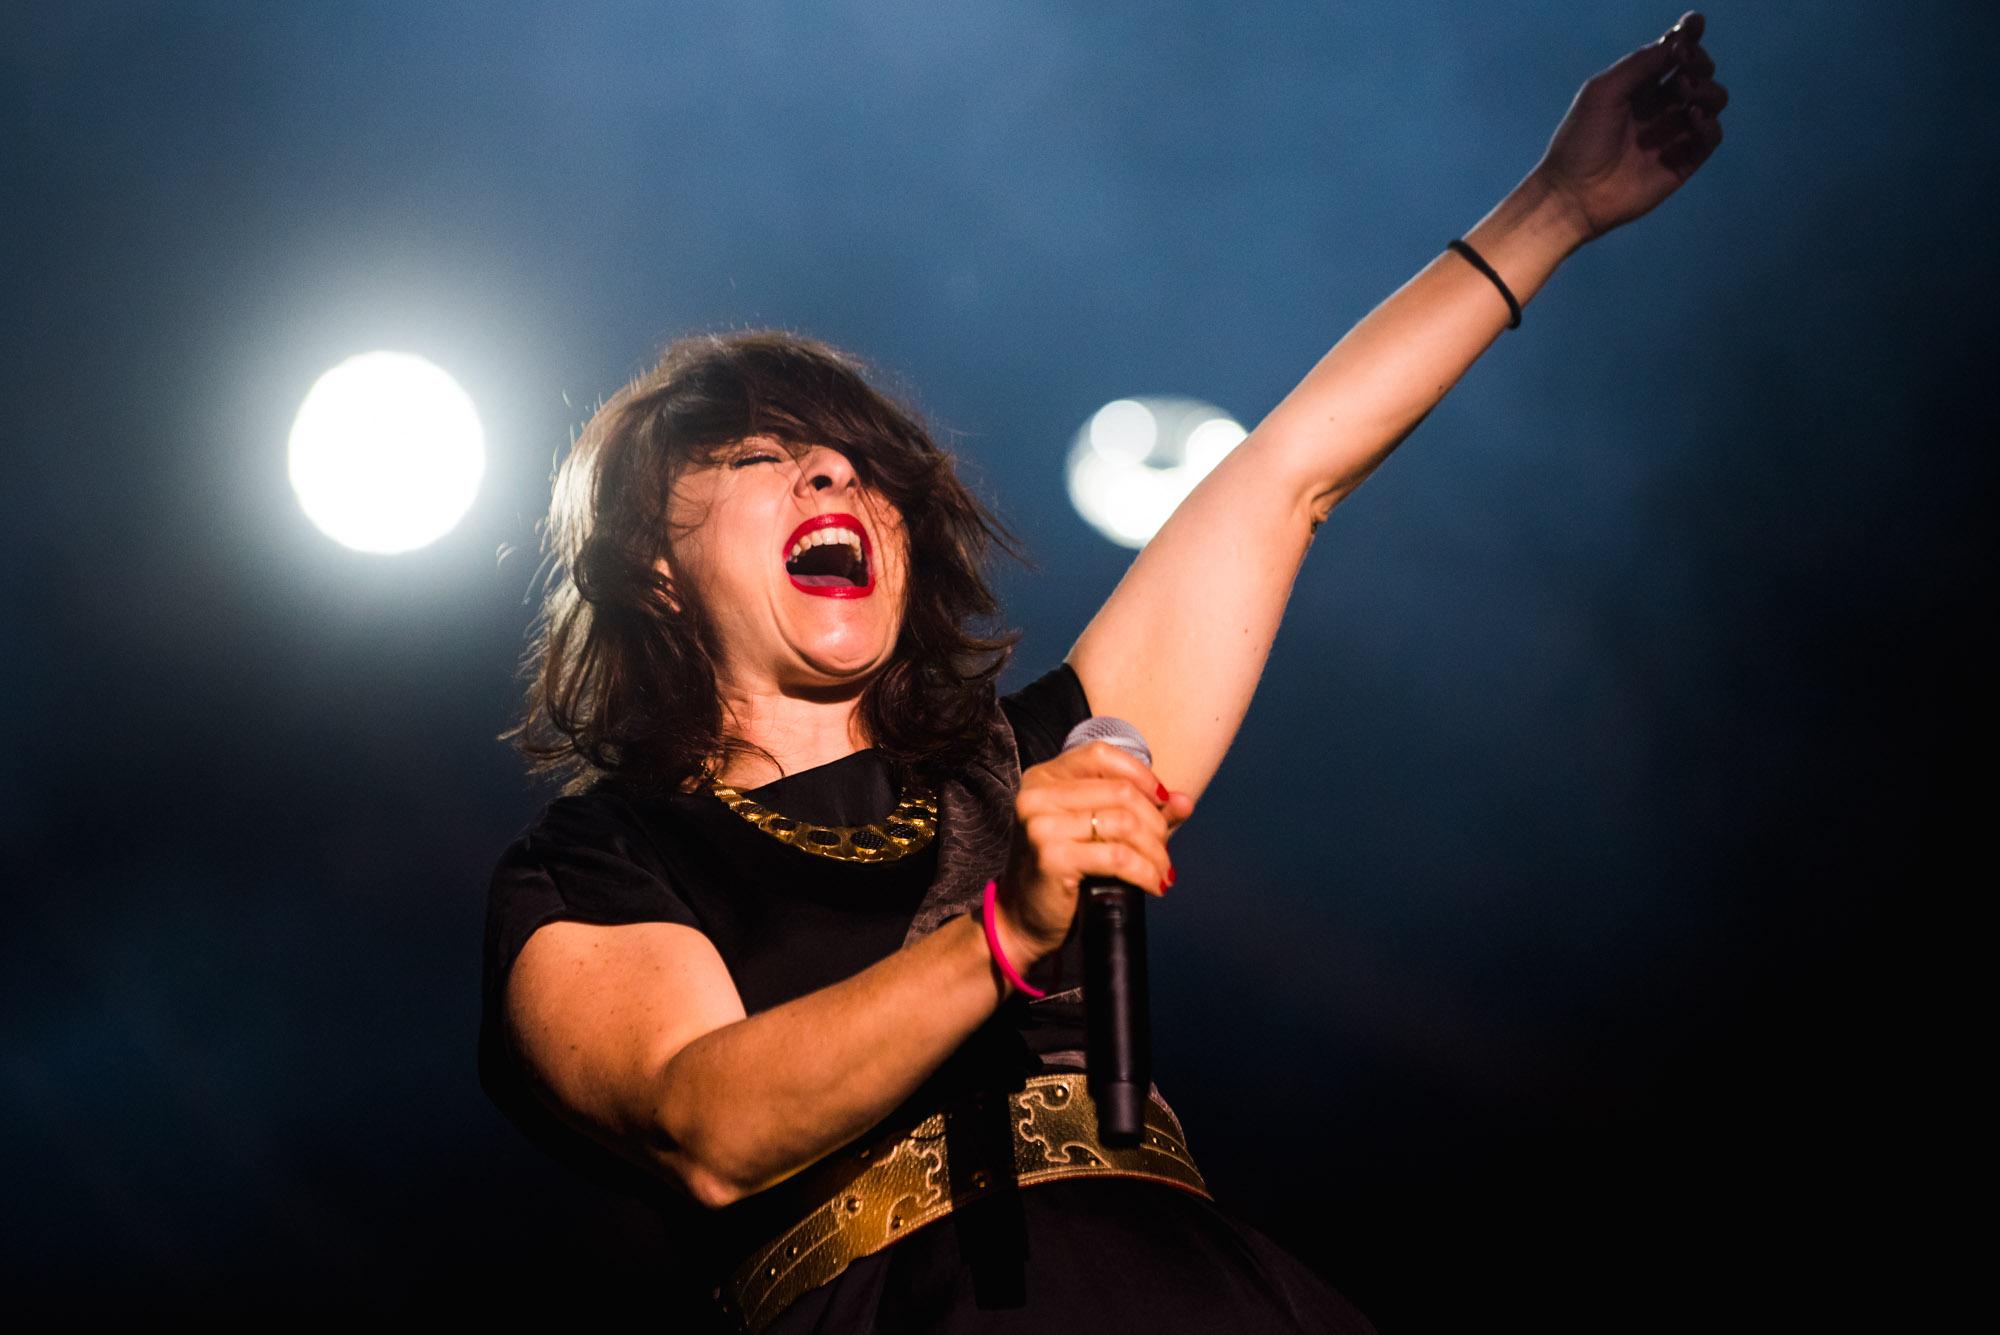 [Zbliżenie na śpiewającą kobietę. Powieki ma mocno ściśnięte, usta szeroko otwarte. Widać ogromne zaangażowanie na jej twarzy. W jednej ręce trzyma mikrofon, drugą ma uniesioną do góry.]